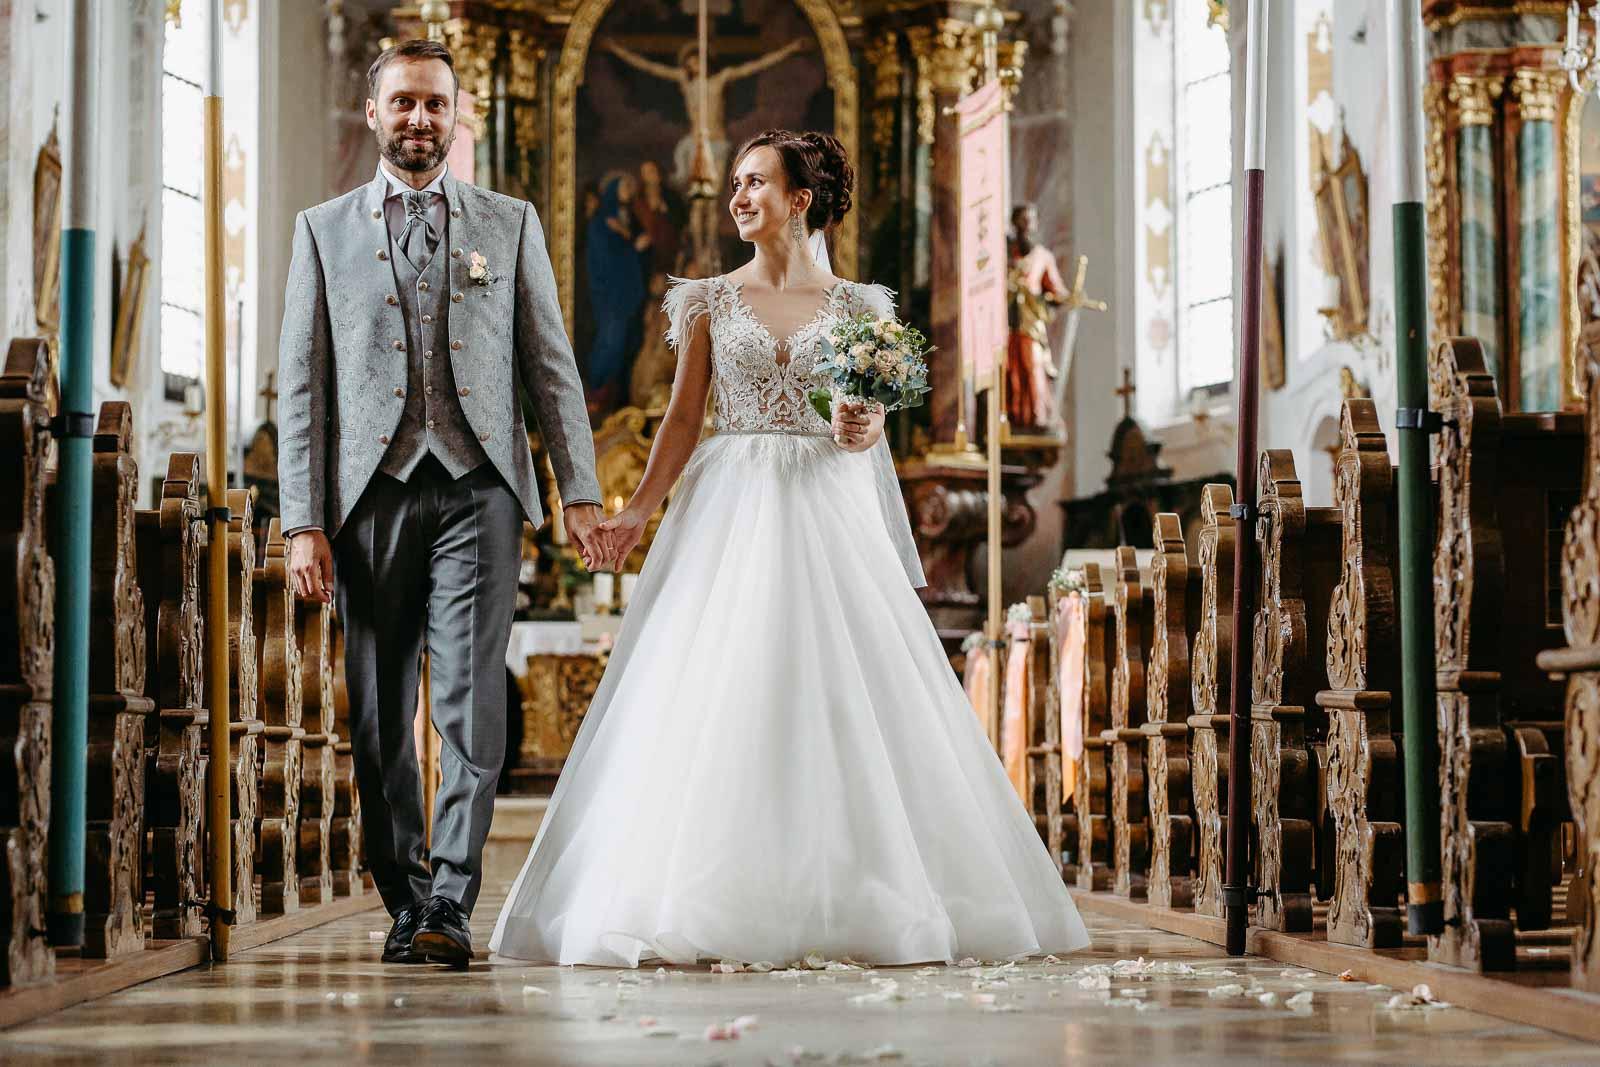 Hochzeitsjubiläum - Alle Hochzeitstage im Überblick 2